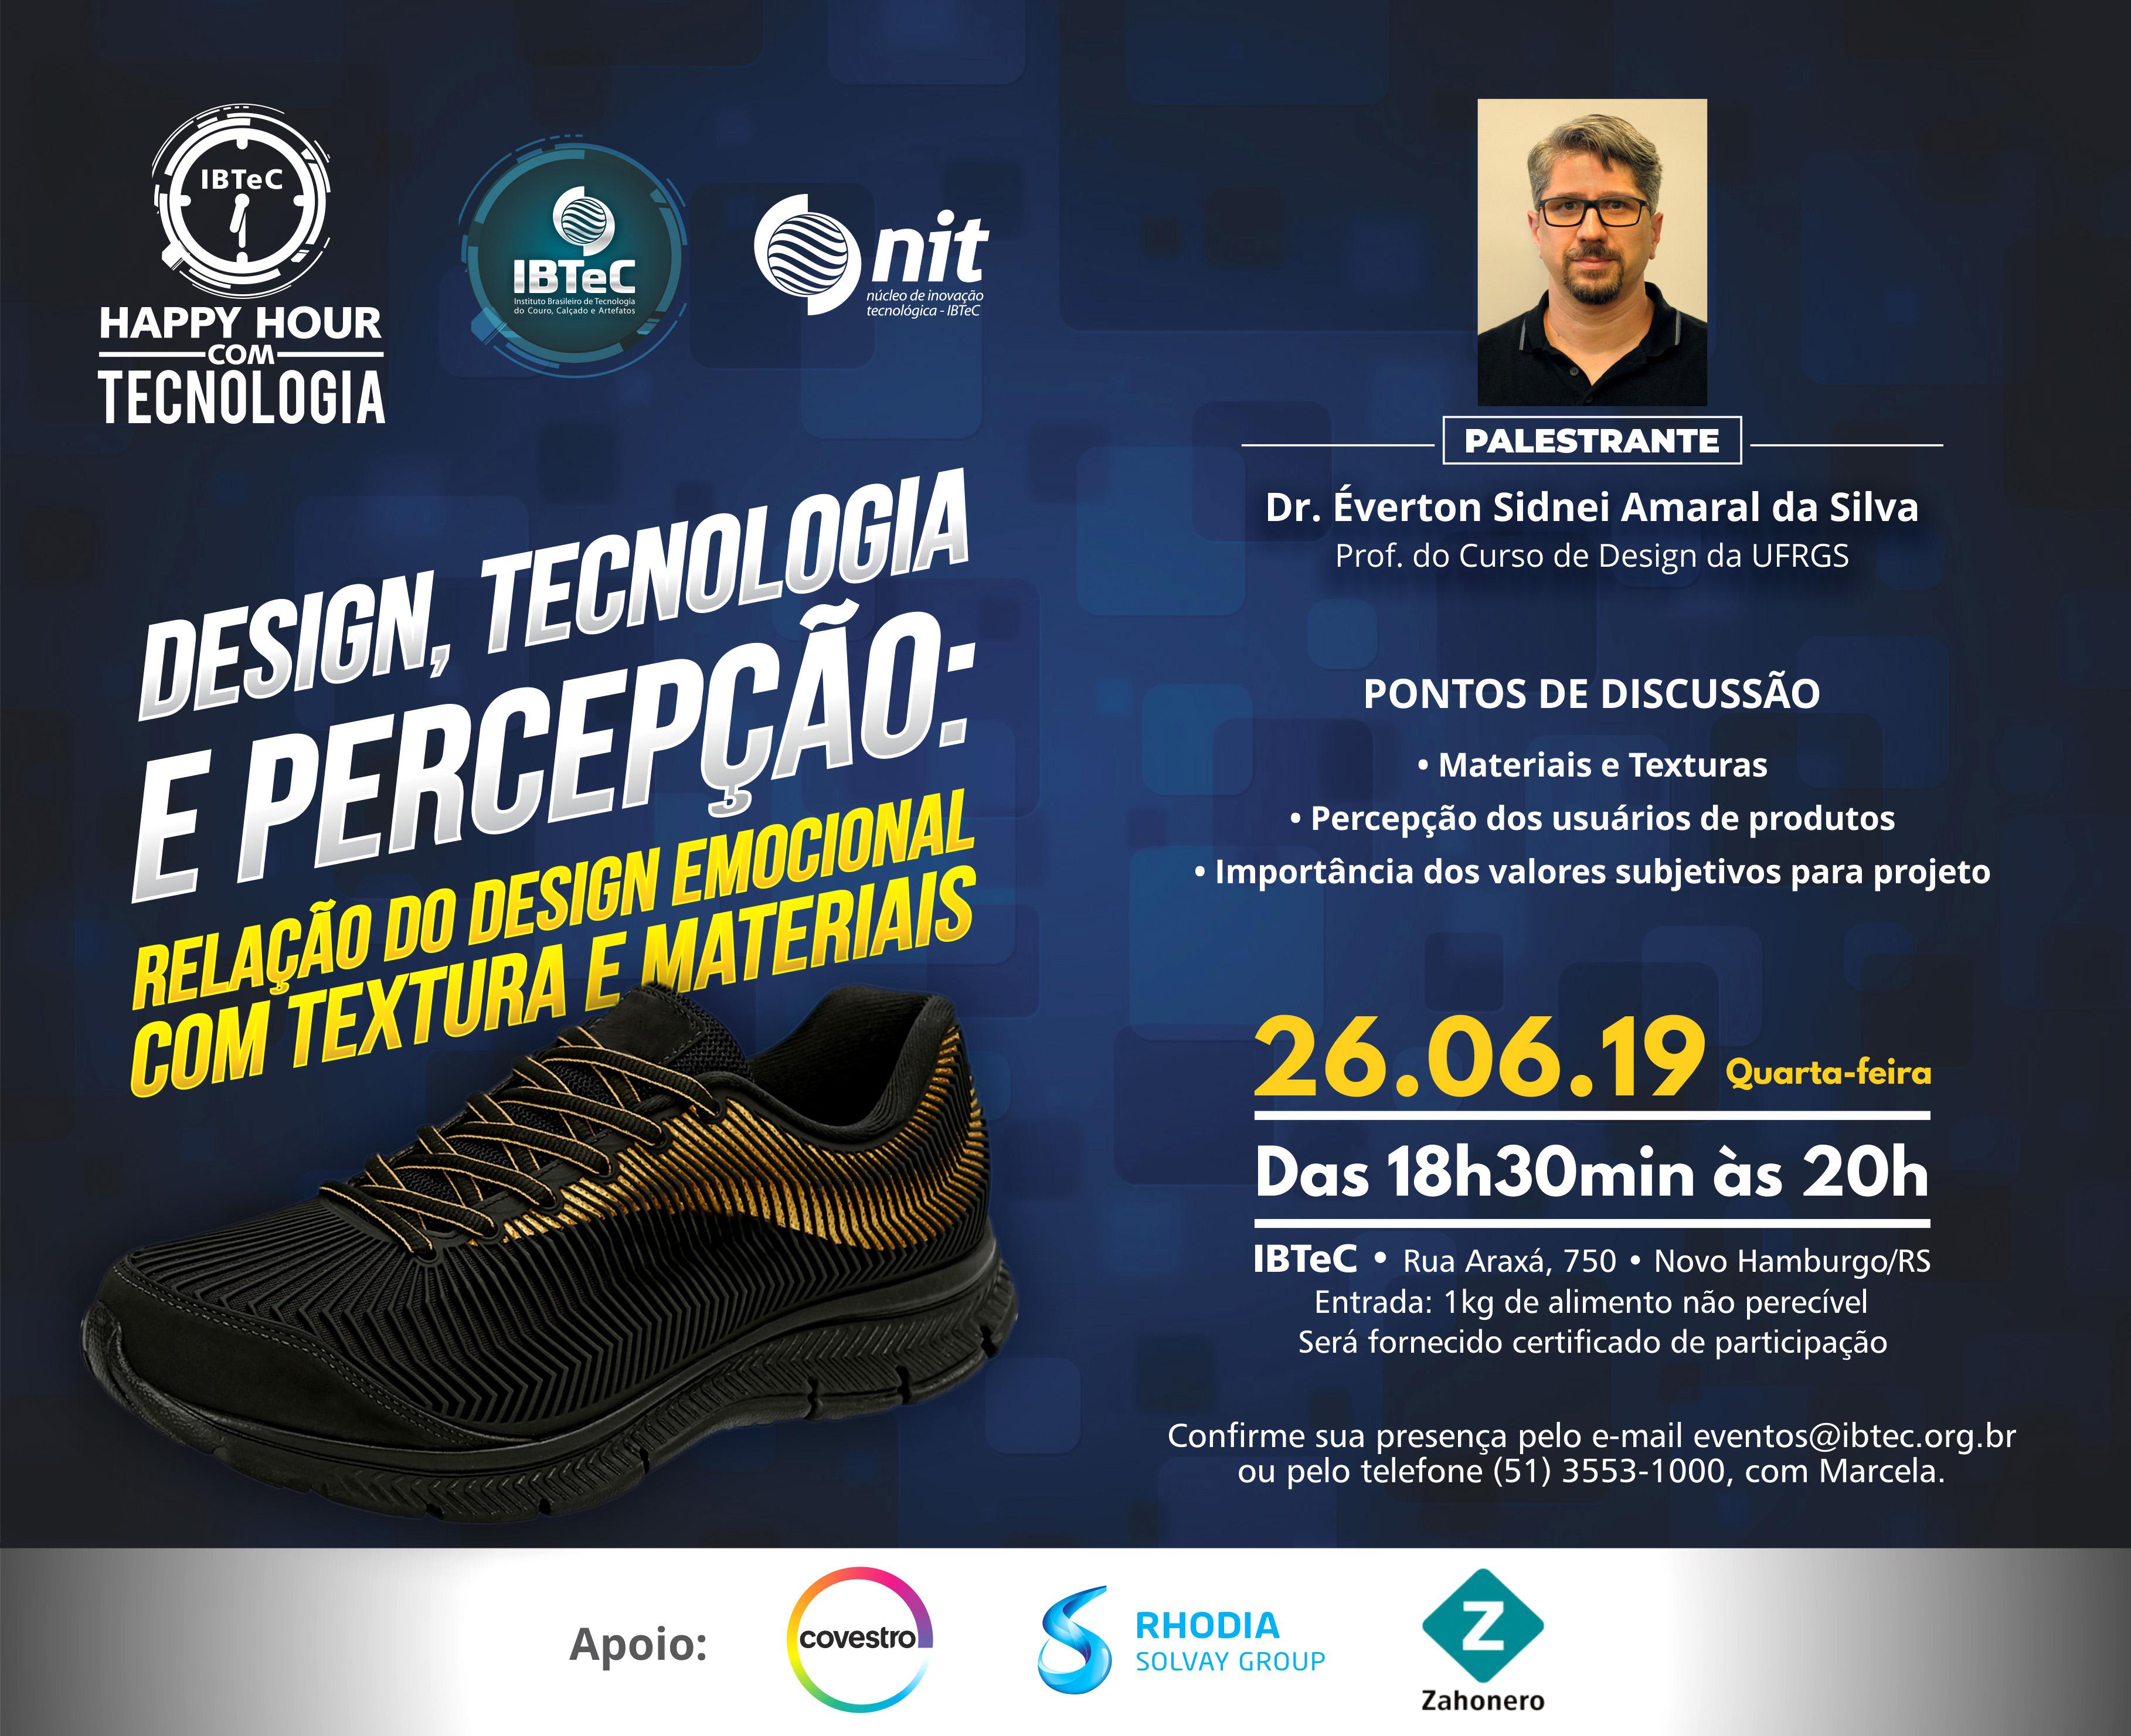 Design, Tecnologia e Percepção: Relação do design emocional com textura e materiais